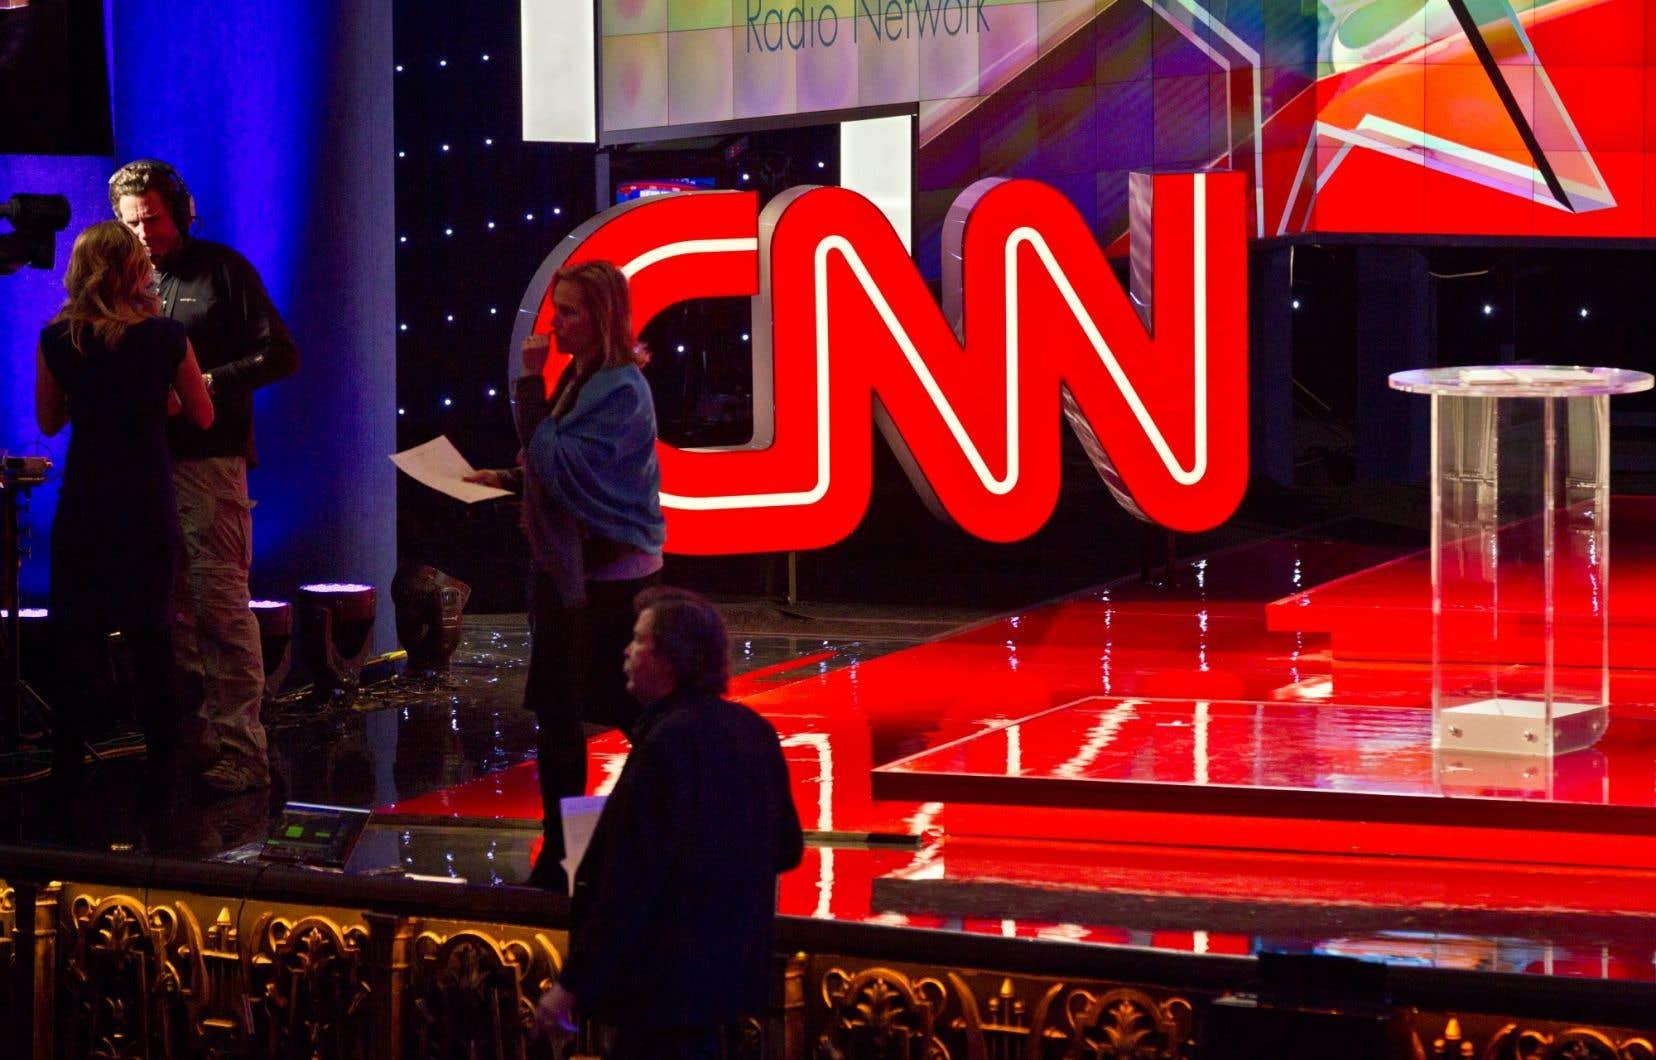 La porte-parole de la Maison-Blanche a accusé CNN d'avoir donné des informations erronées «à de nombreuses reprises», dans la lignée des propos de Donald Trump.